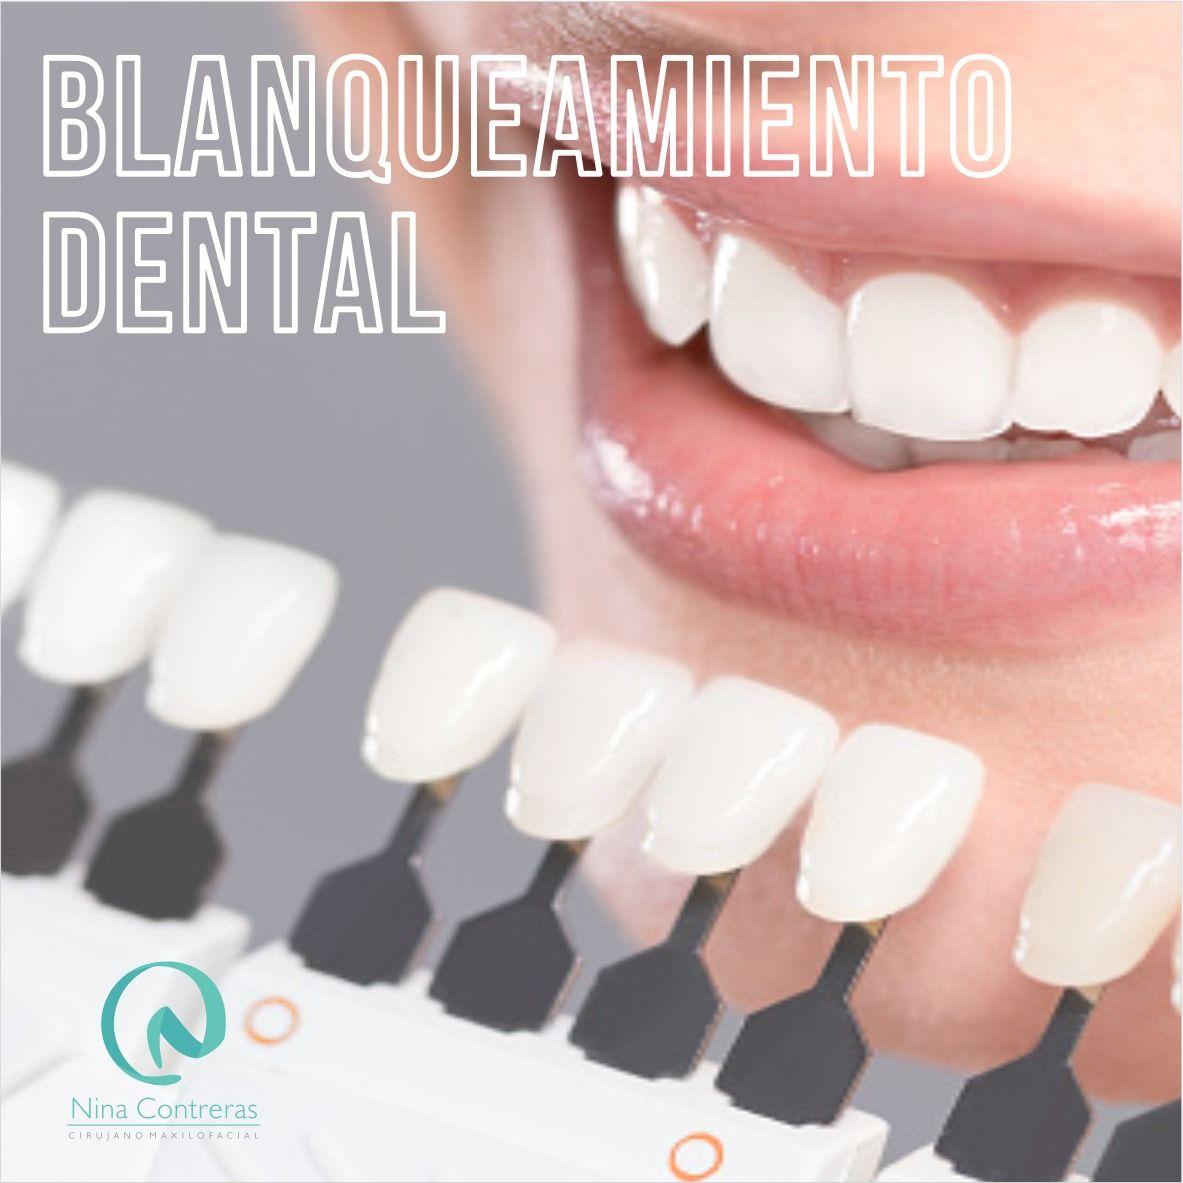 Especialistas En Blanqueamiento Dental Agenda Tu Cita 6571629 300 8934528 Http Ninacontrerascmf Com Lo Blanqueamiento Dental Dental Blanqueamiento